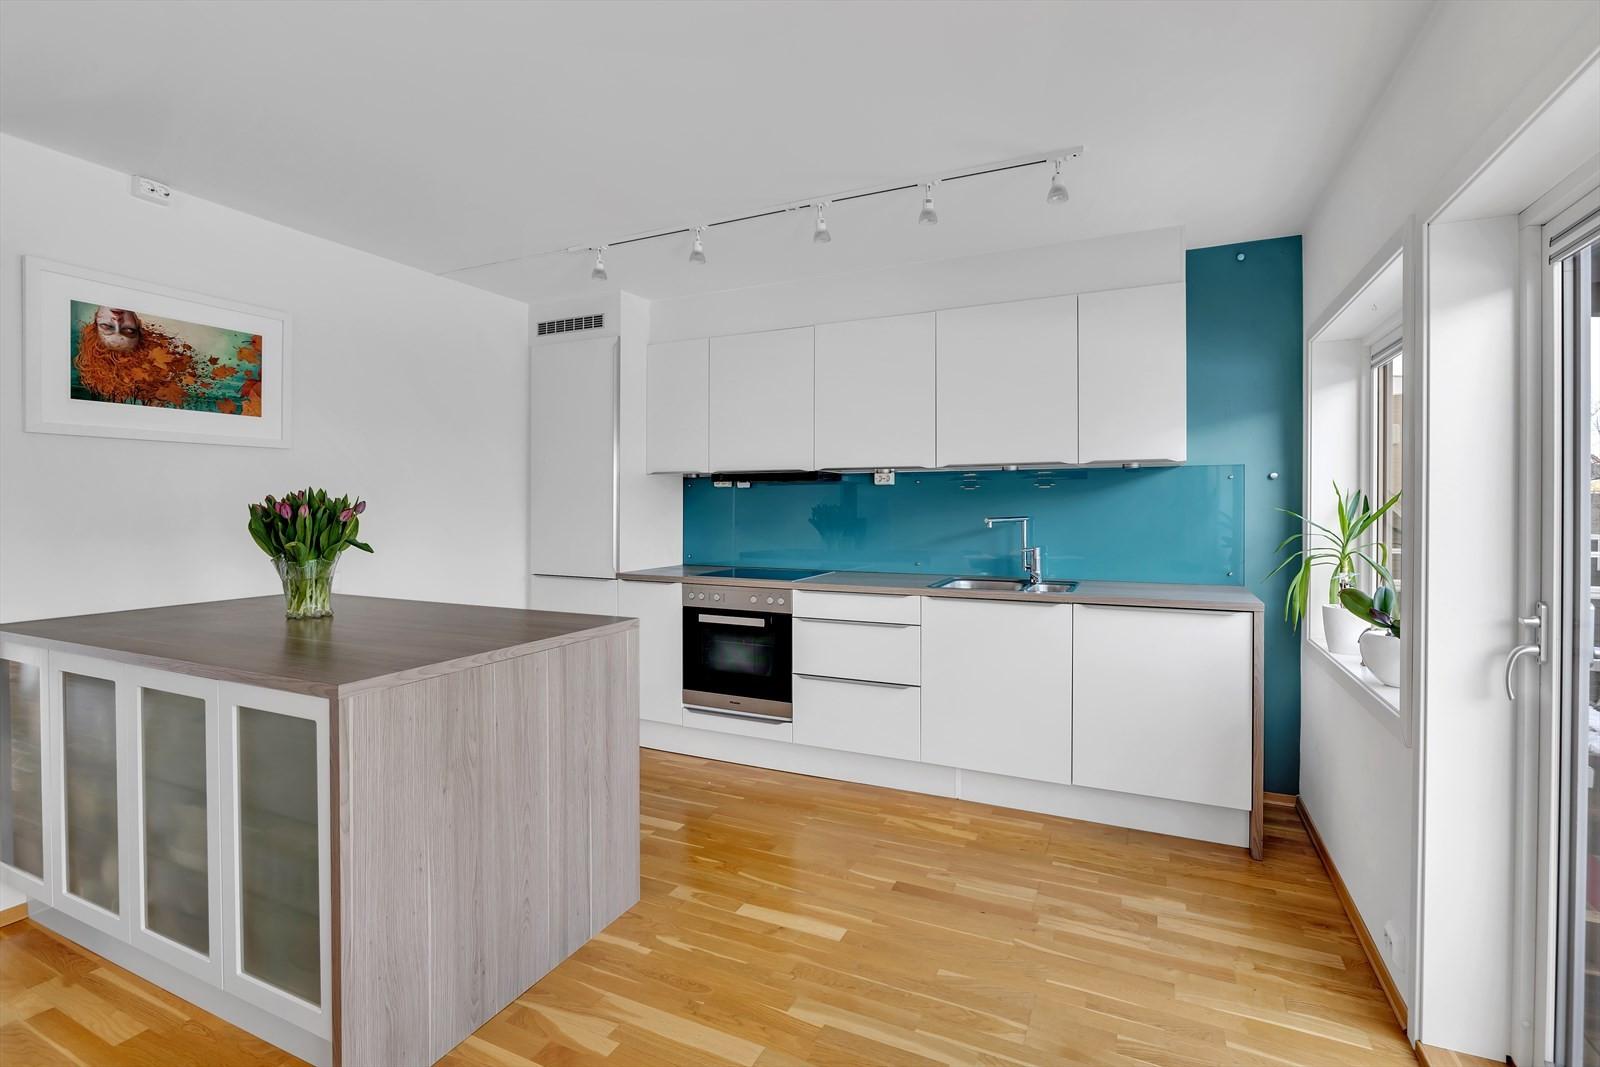 Kjøkken med integrerte hvitevarer og kjøkkenøy med skapinnredning